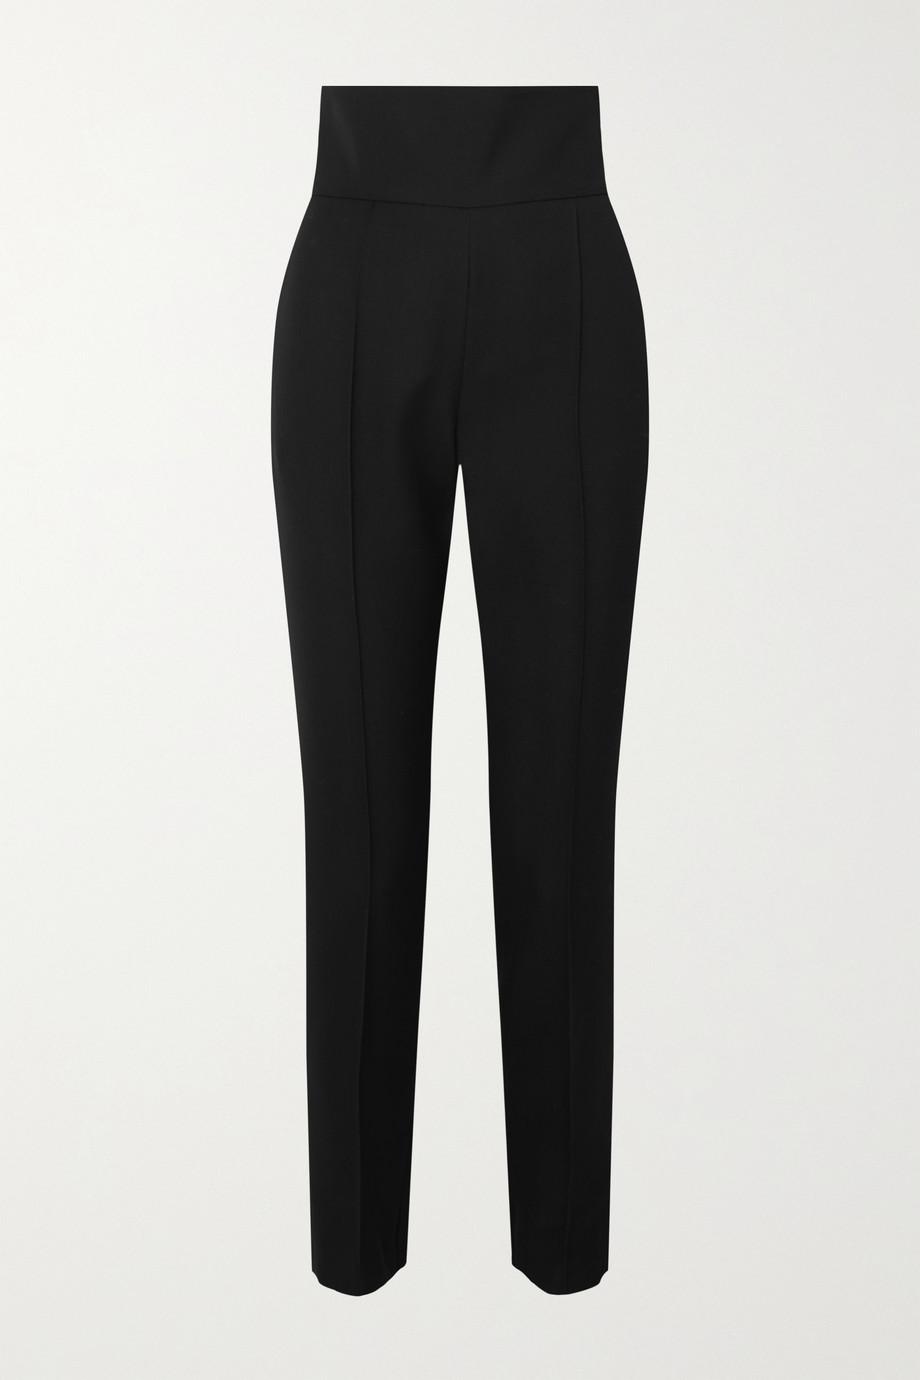 Alexandre Vauthier Wool-blend gabardine slim-leg pants